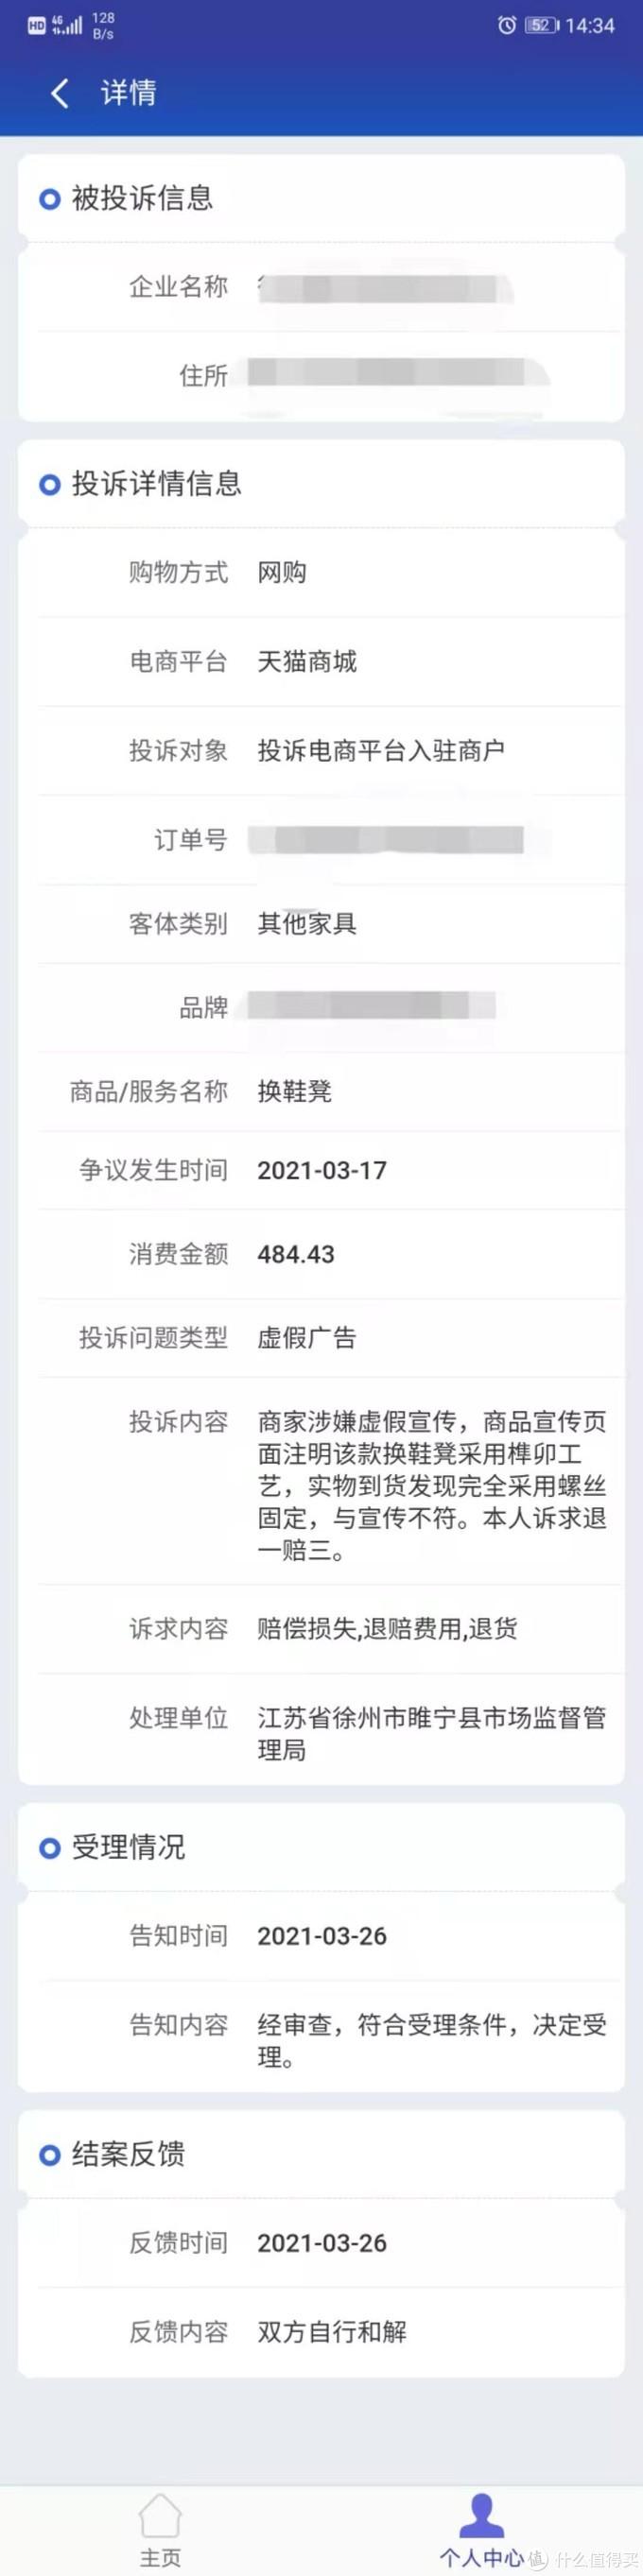 12315平台投诉详情